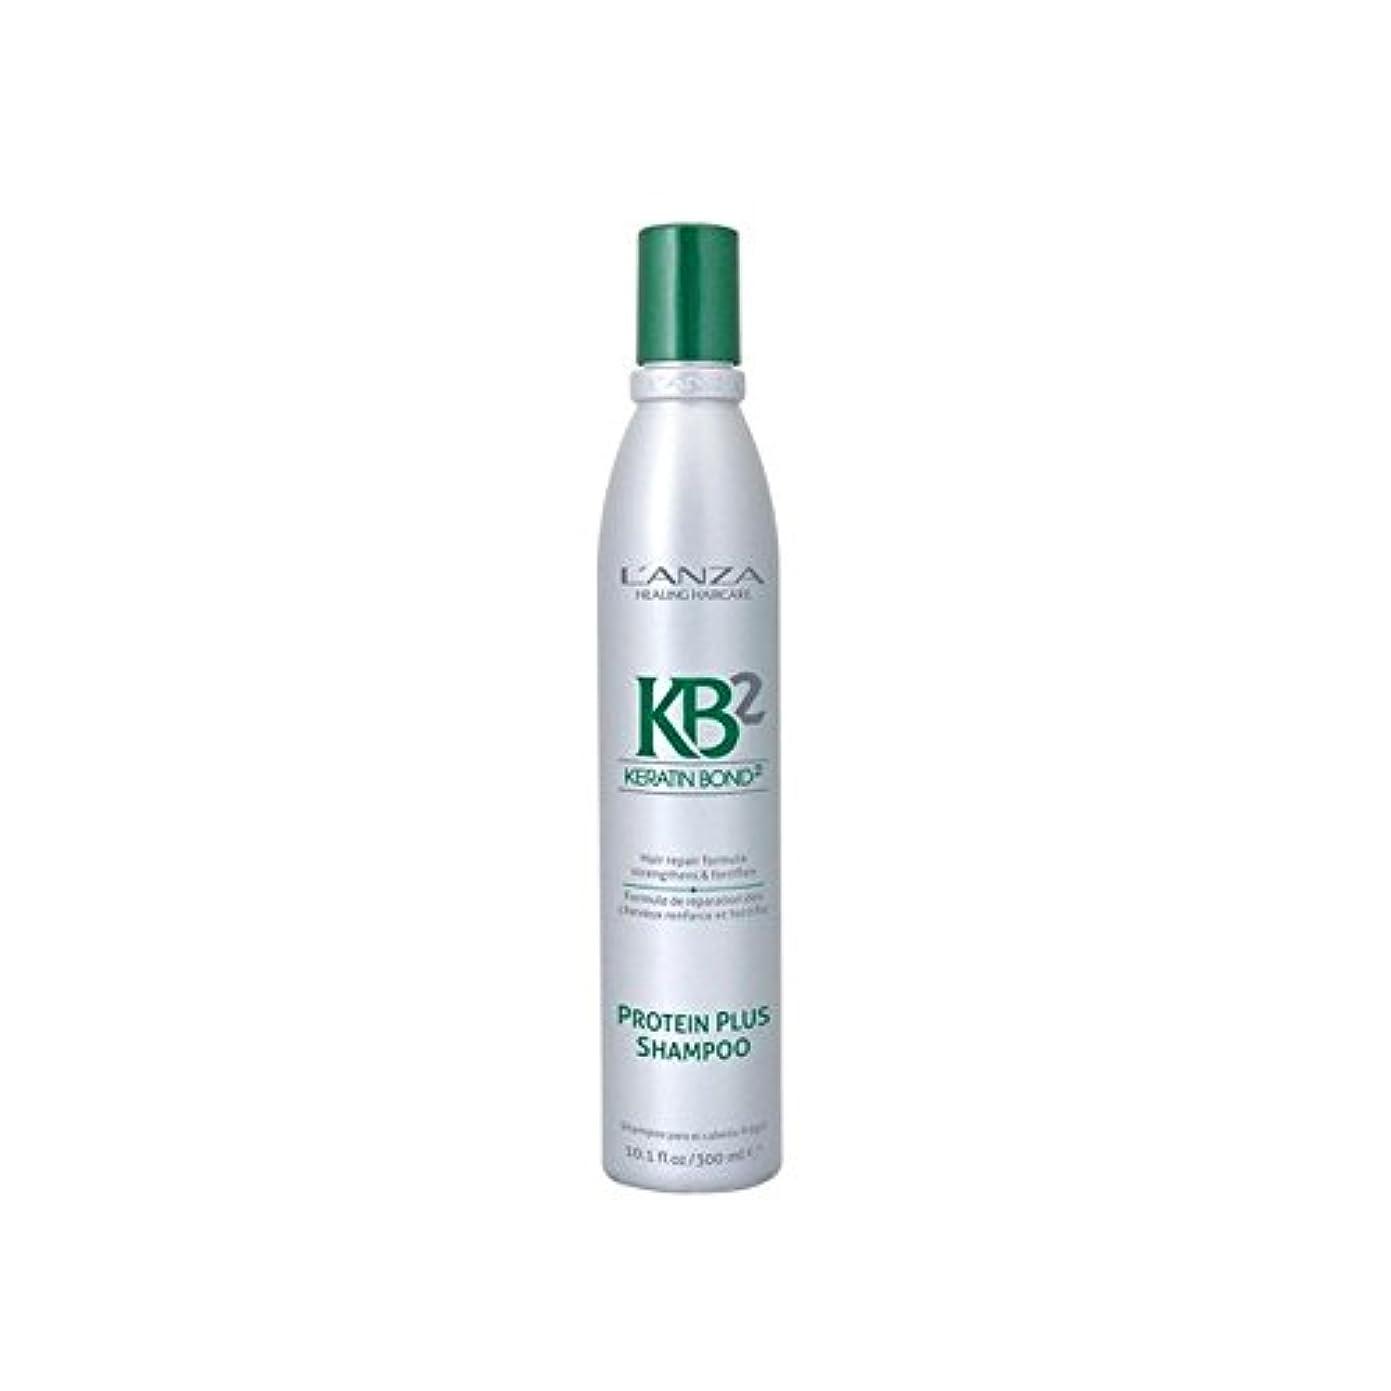 上下する伝統食器棚アンザ2タンパク質プラスシャンプー(300ミリリットル) x4 - L'Anza Kb2 Protein Plus Shampoo (300ml) (Pack of 4) [並行輸入品]